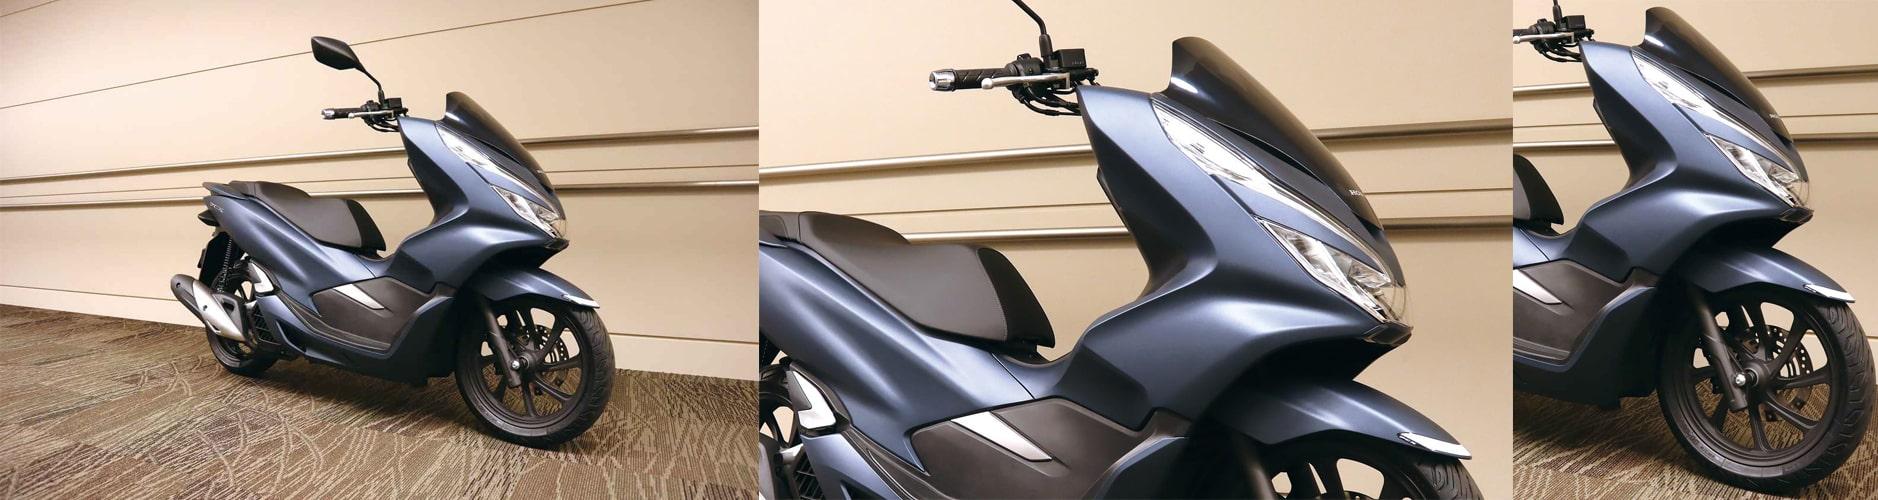 PCX 125 2020 สีใหม่ Blue Metallic